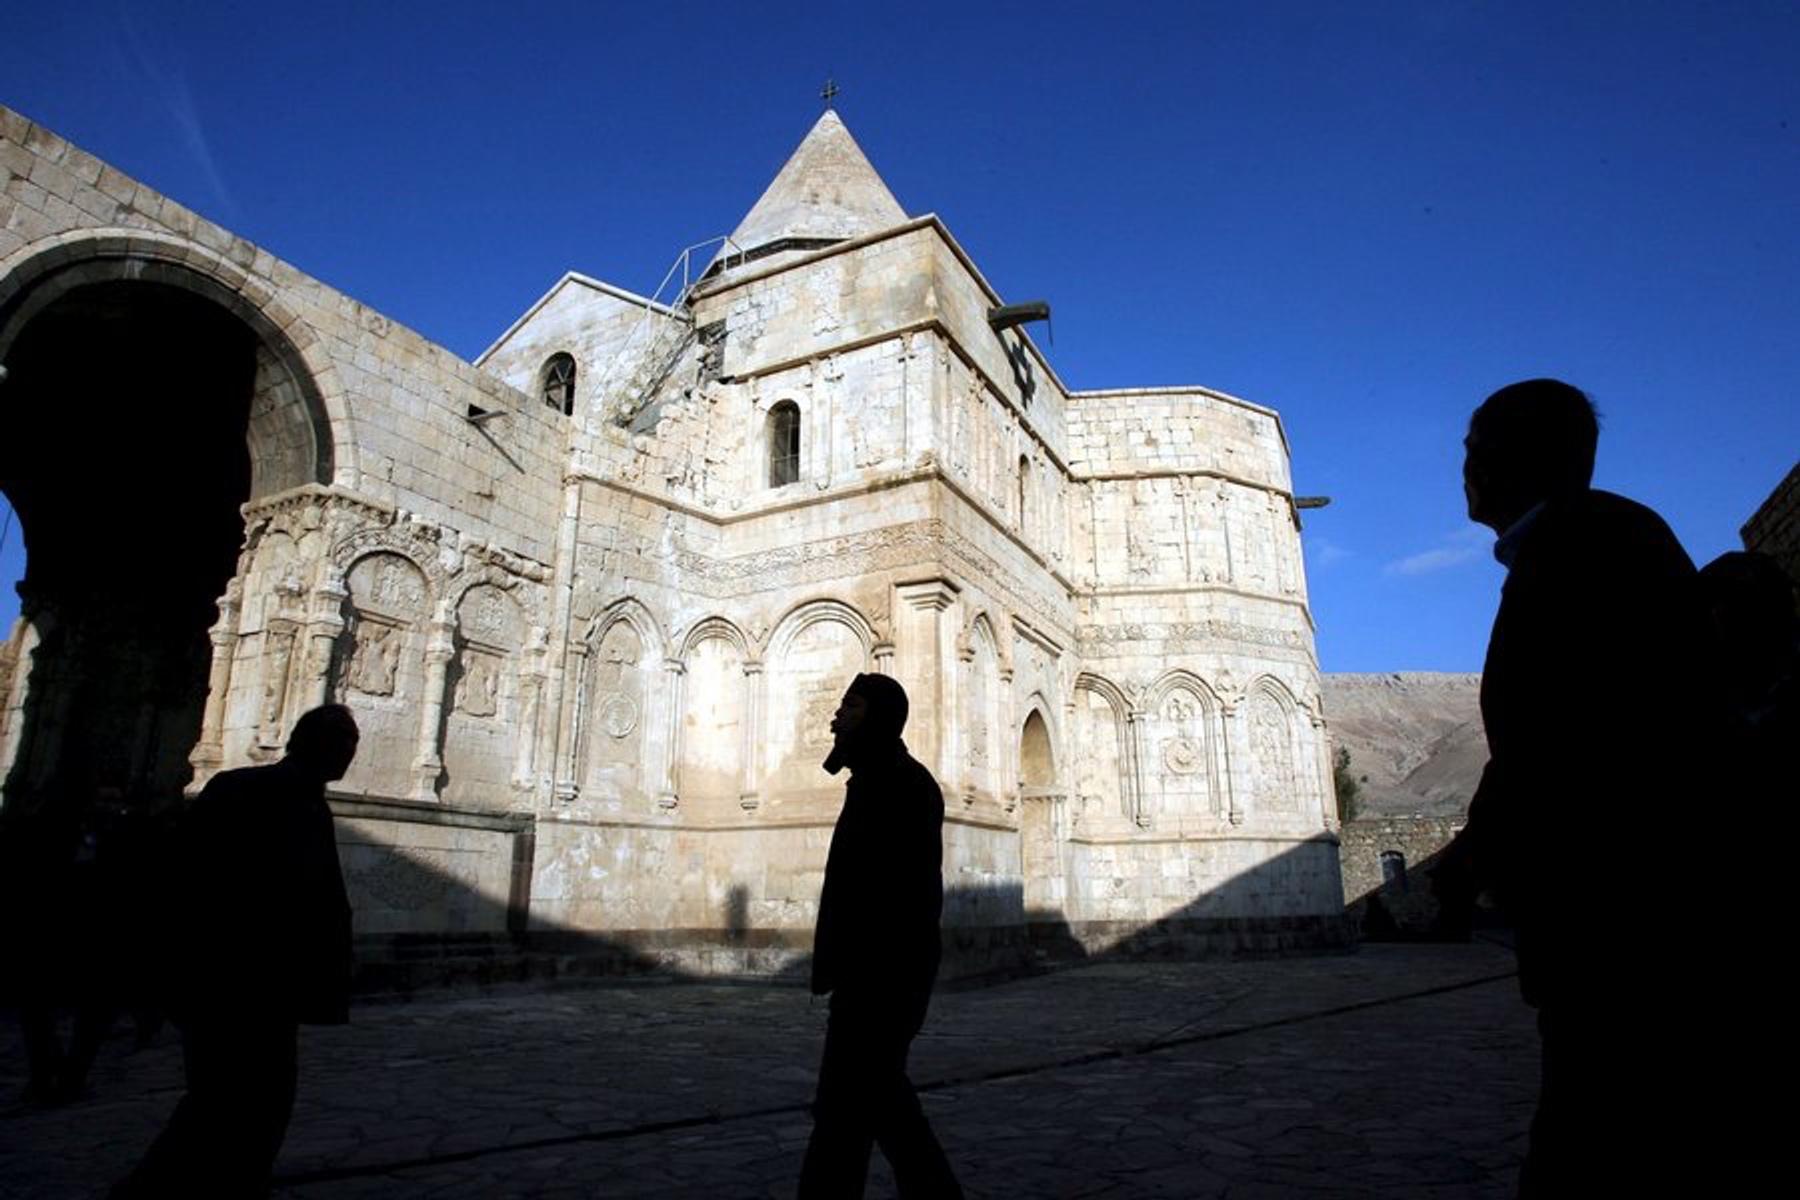 Τα «ελληνικά» και όχι μόνο μνημεία στο Ιράν που ήθελε να βομβαρδίσει ο Τραμπ